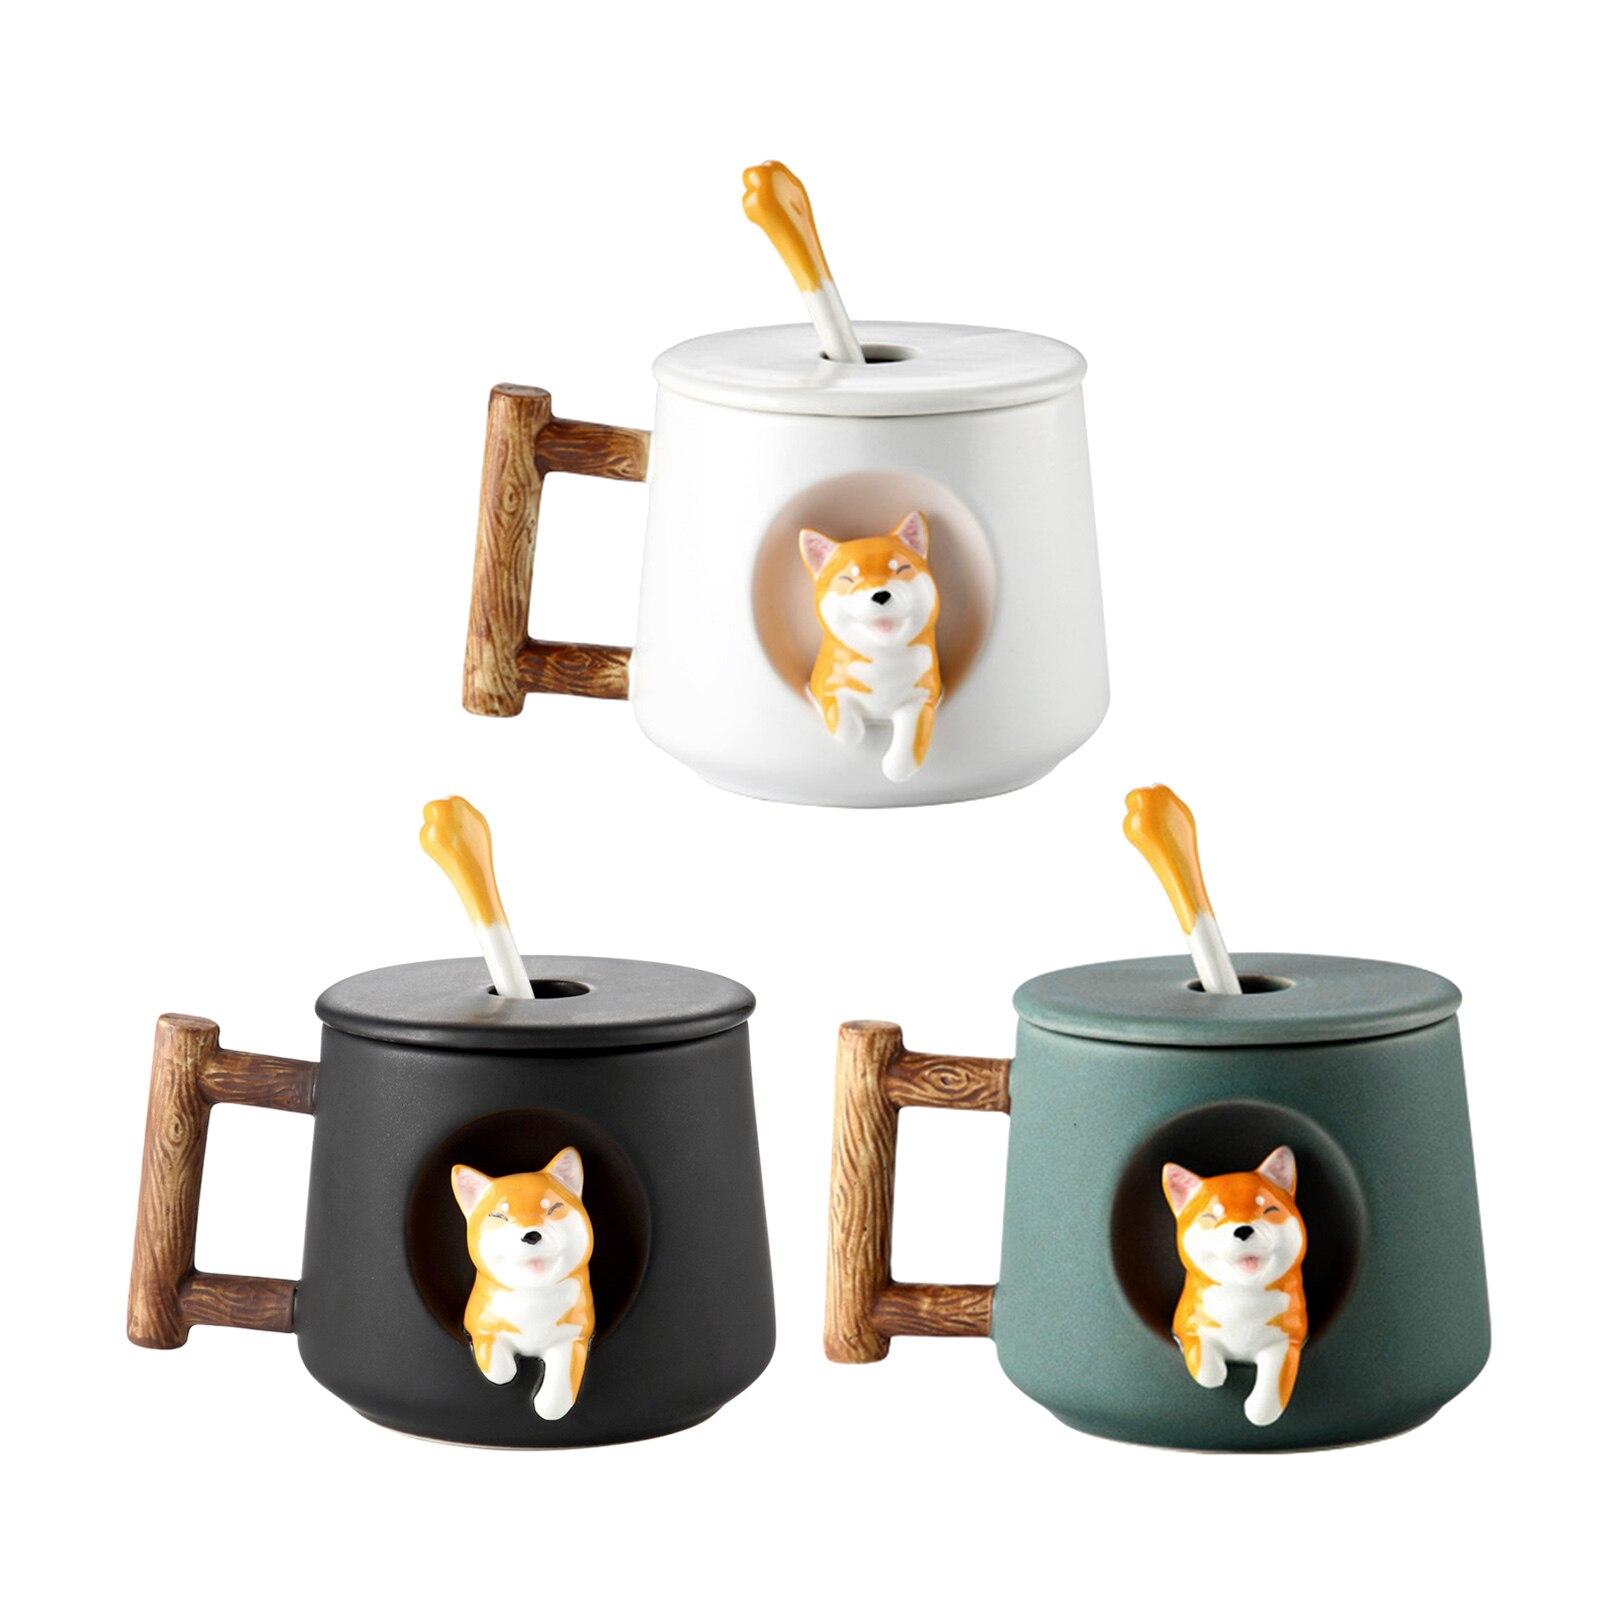 مج سيراميك جميل ثلاثية الأبعاد الكلب نمط الشراب عصير الشاي فنجان القهوة 500 مللي للأصدقاء الكبار الفتيات المفضلة هدية